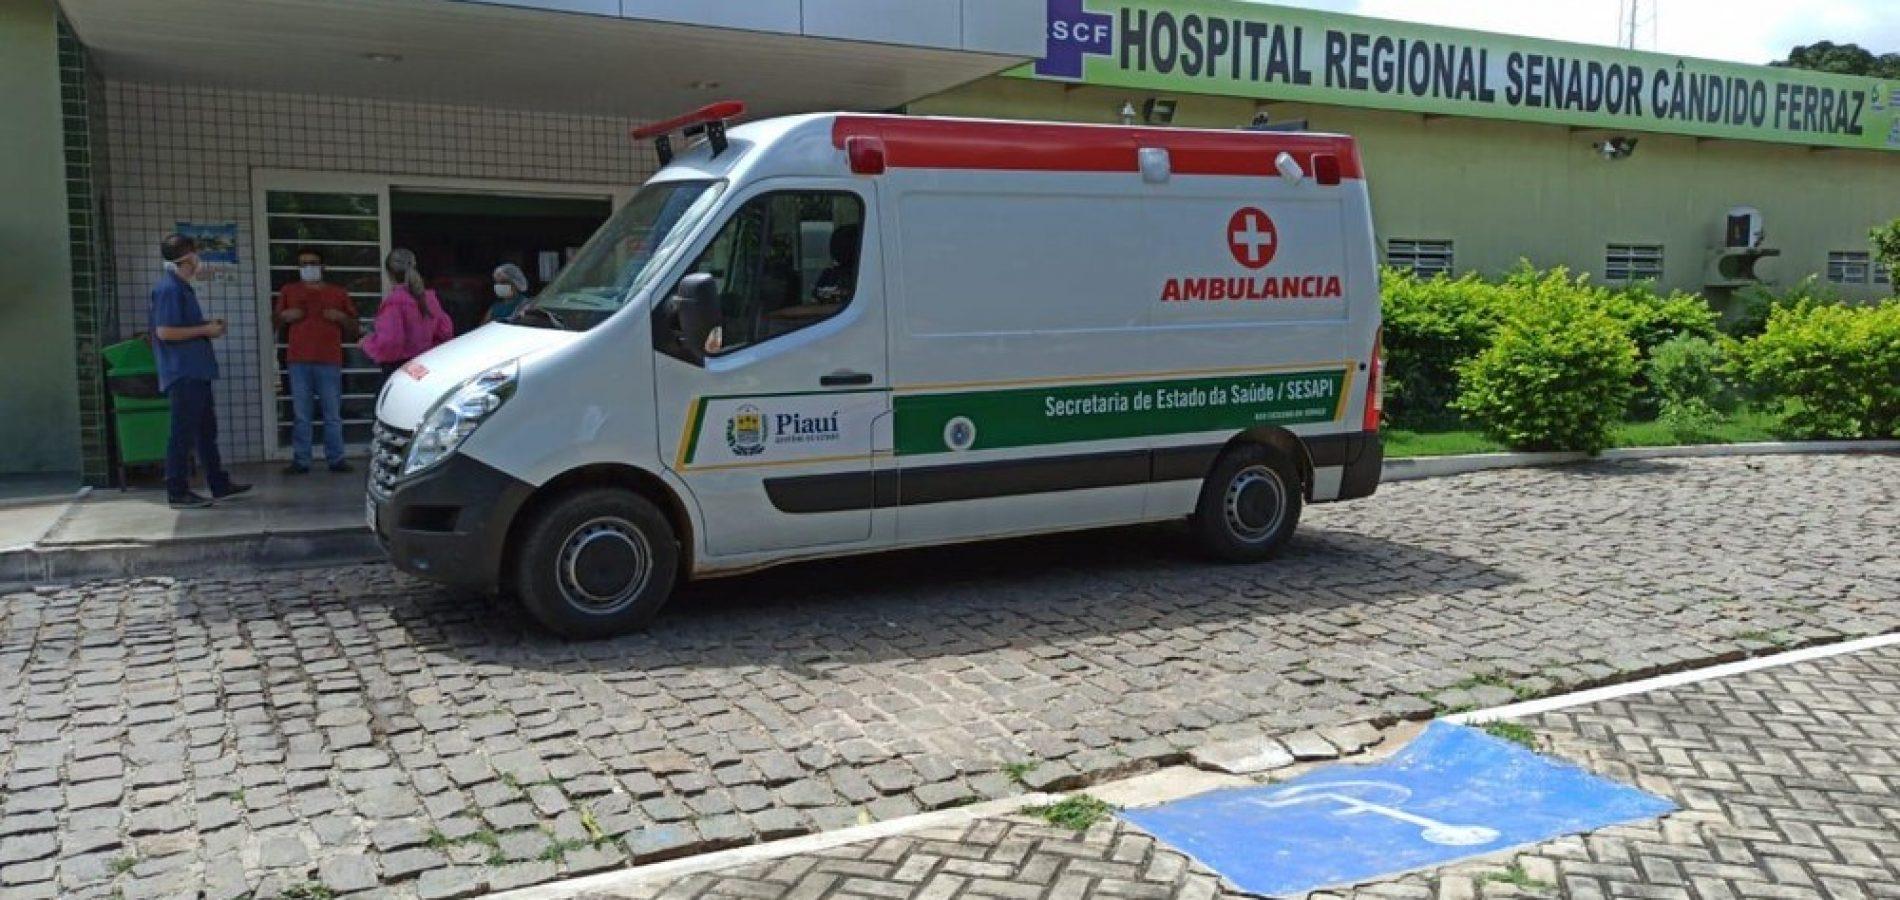 Após alta de internações por Covid-19, São Raimundo Nonato vai receber equipamentos e profissionais de saúde